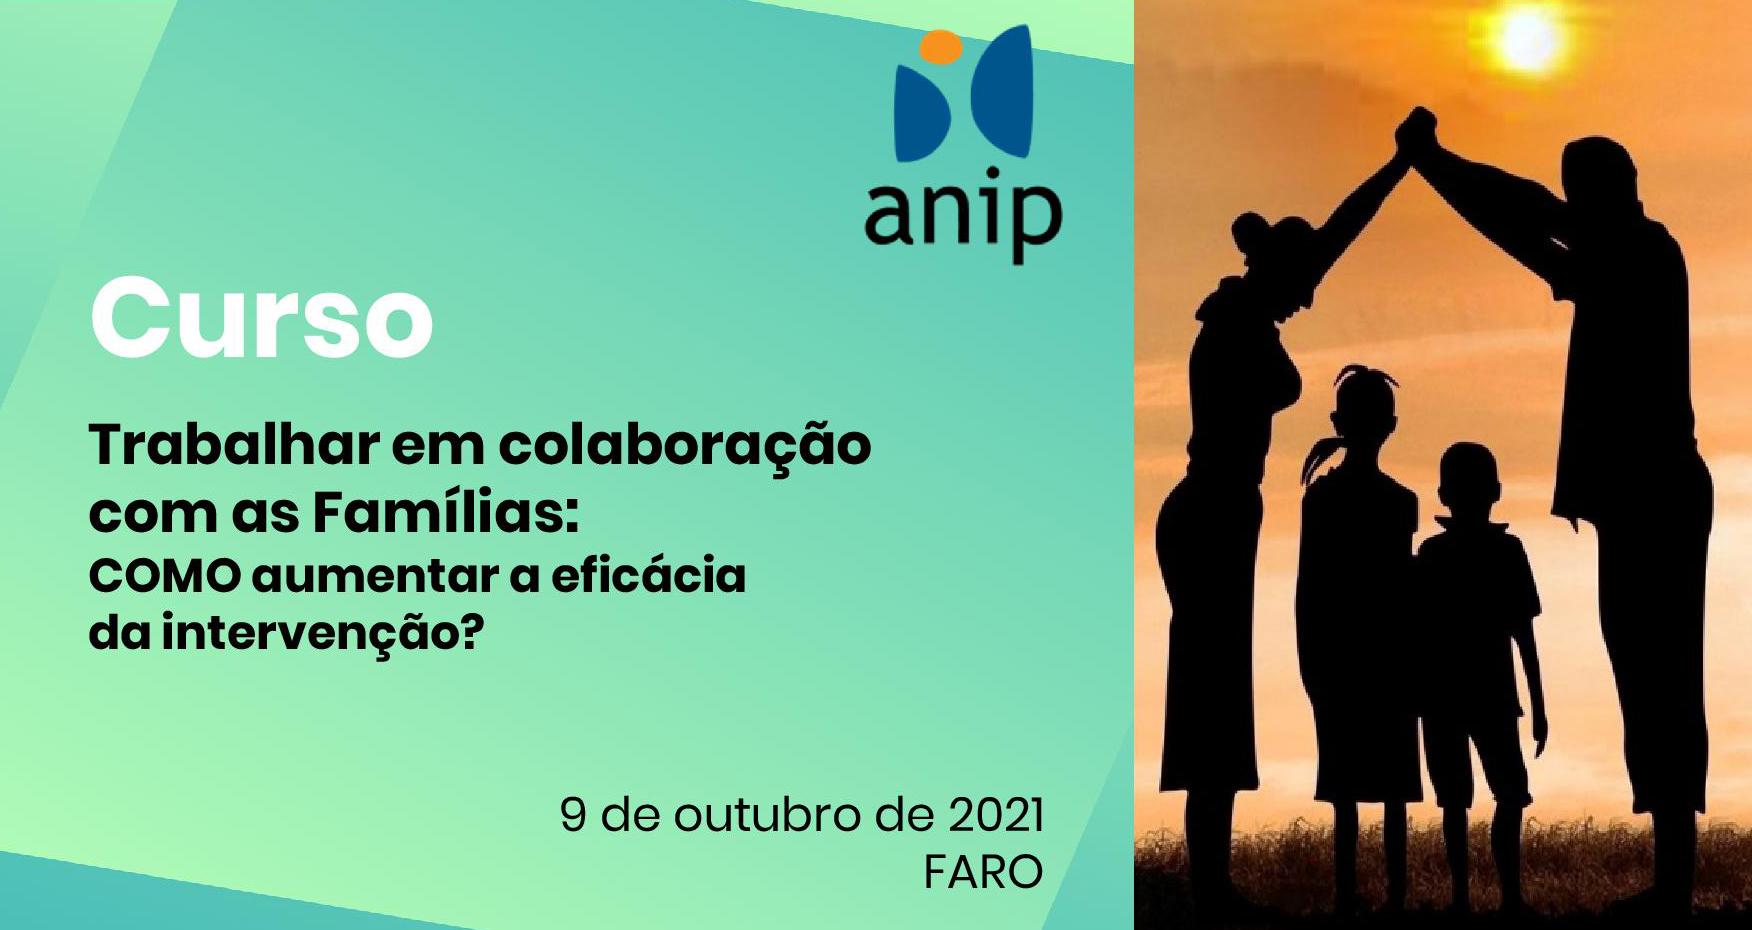 Trabalhar em colaboração com as Famílias (Faro)